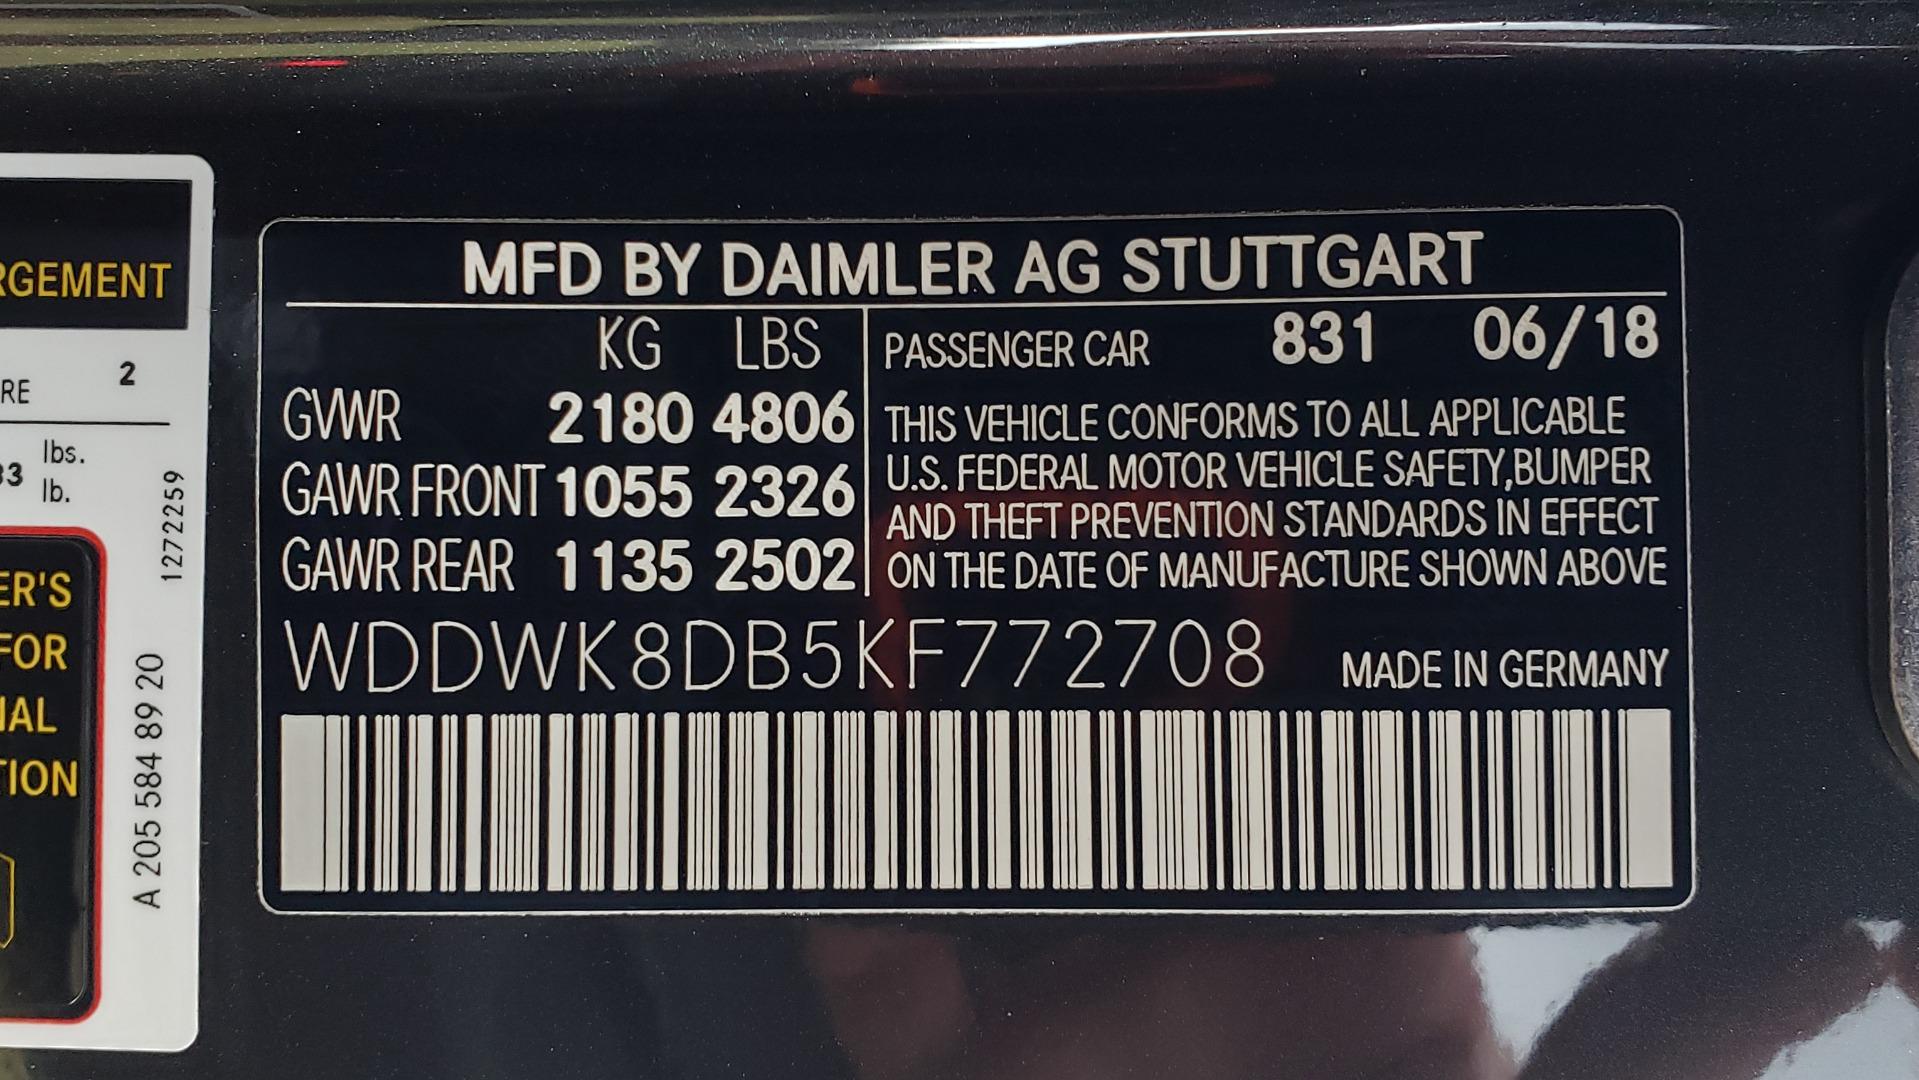 Used 2019 Mercedes-Benz C-CLASS C 300 CABRIOLET / PREM PKG / NAV / BURMESTER / MULTIMEDIA for sale Sold at Formula Imports in Charlotte NC 28227 94